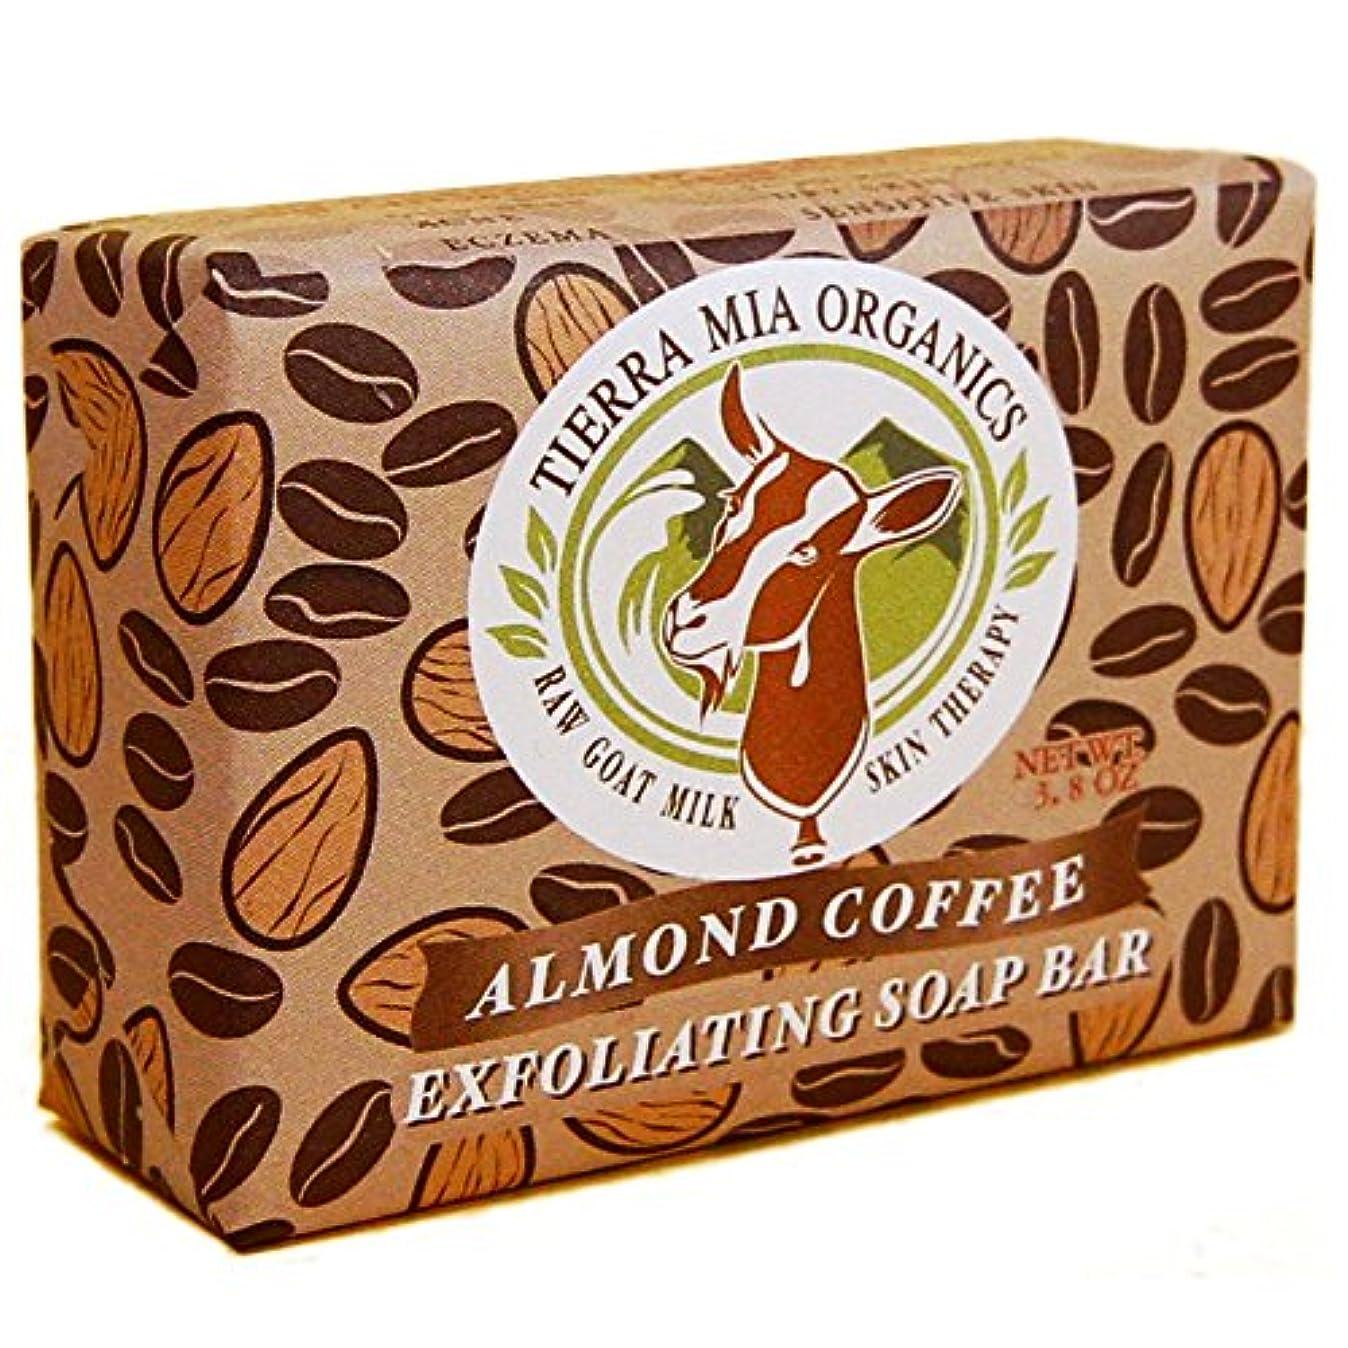 意味のあるアイデア運動Tierra Mia Organics, Raw Goat Milk Skin Therapy, Exfoliating Soap Bar, Almond Coffee, 3.8 oz